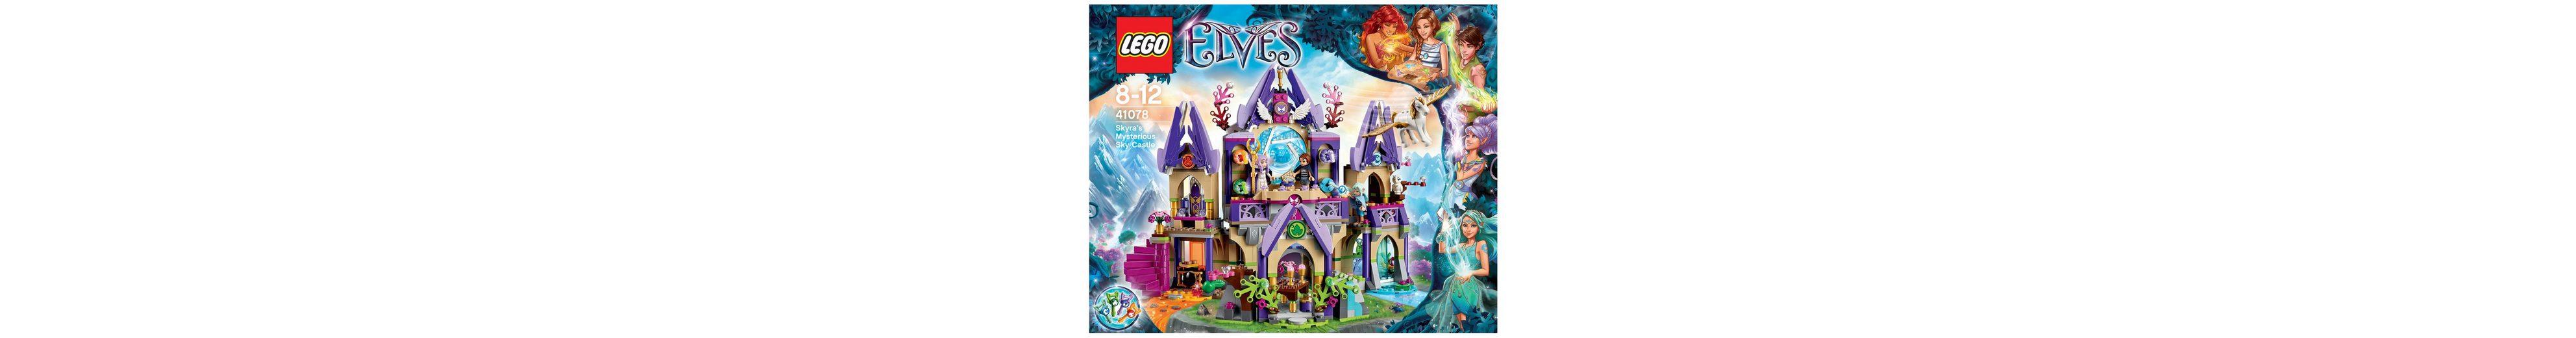 LEGO® Skyras geheimnisvolles Himmelsschloss (41078), »LEGO® Elves«